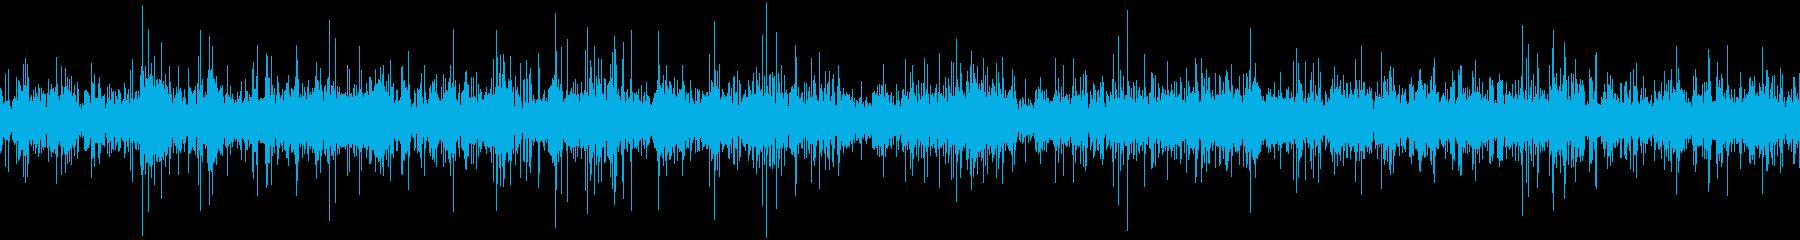 ムードノイズ_「カラカラ…」風3の再生済みの波形